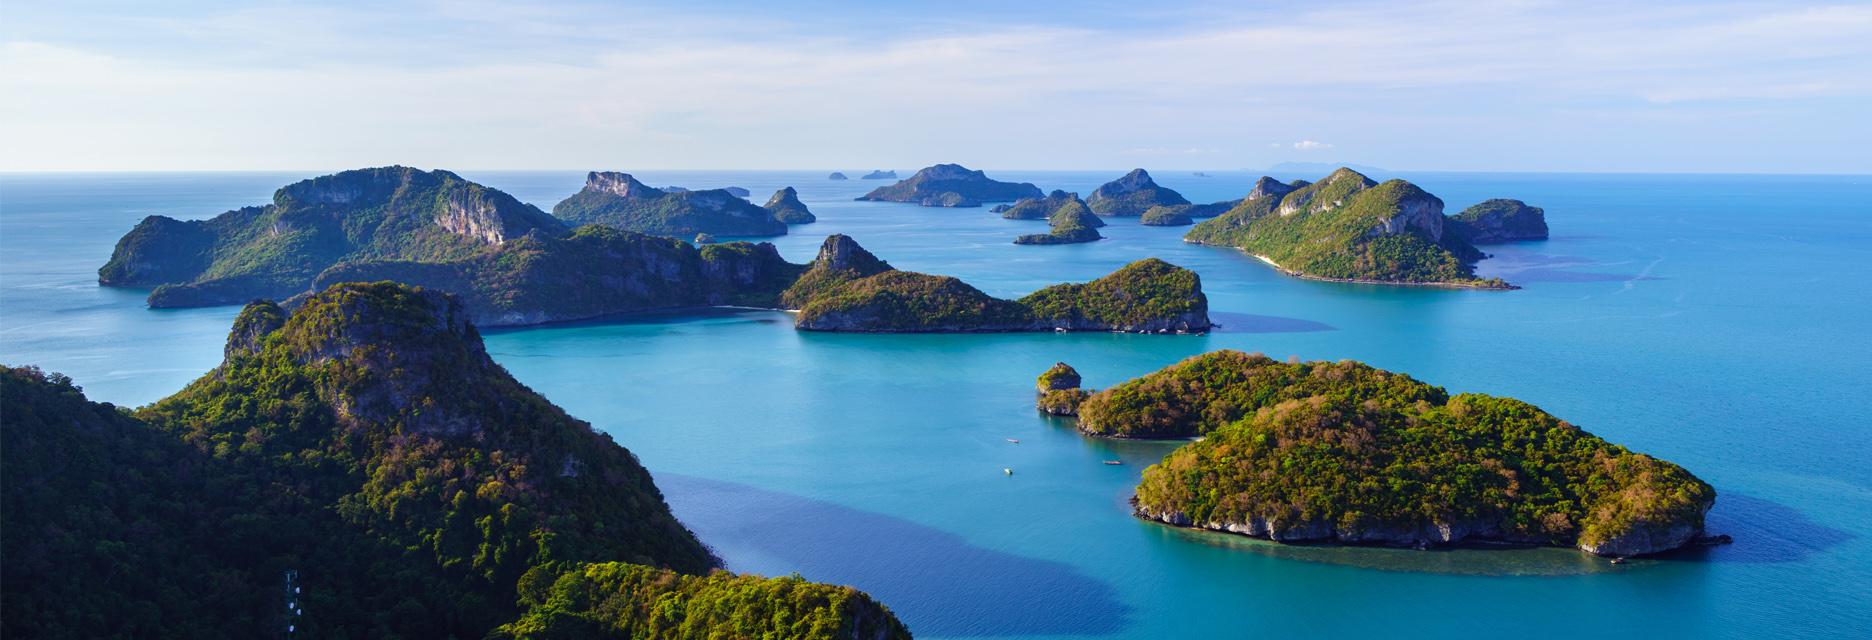 【安通國家公園一日遊】登山、浮潛、獨木舟體驗